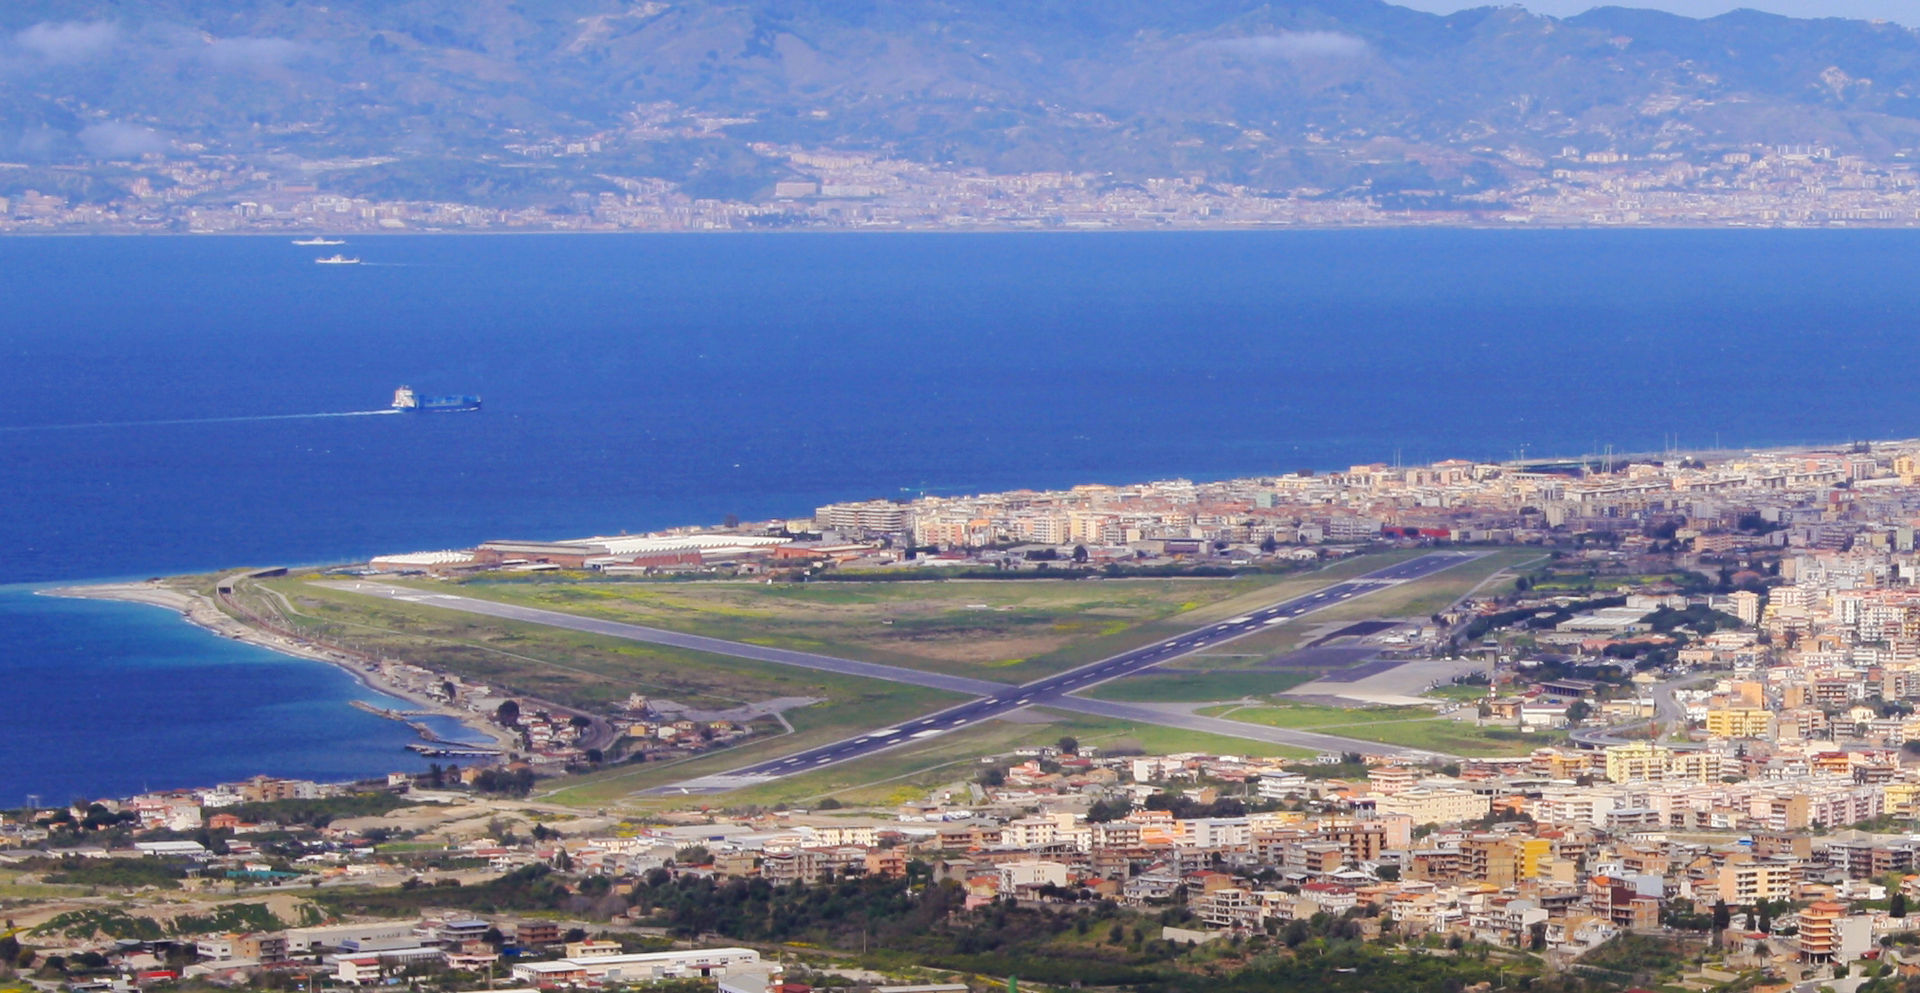 1920px-Pista_Aeroporto_Reggio_Calabria.j